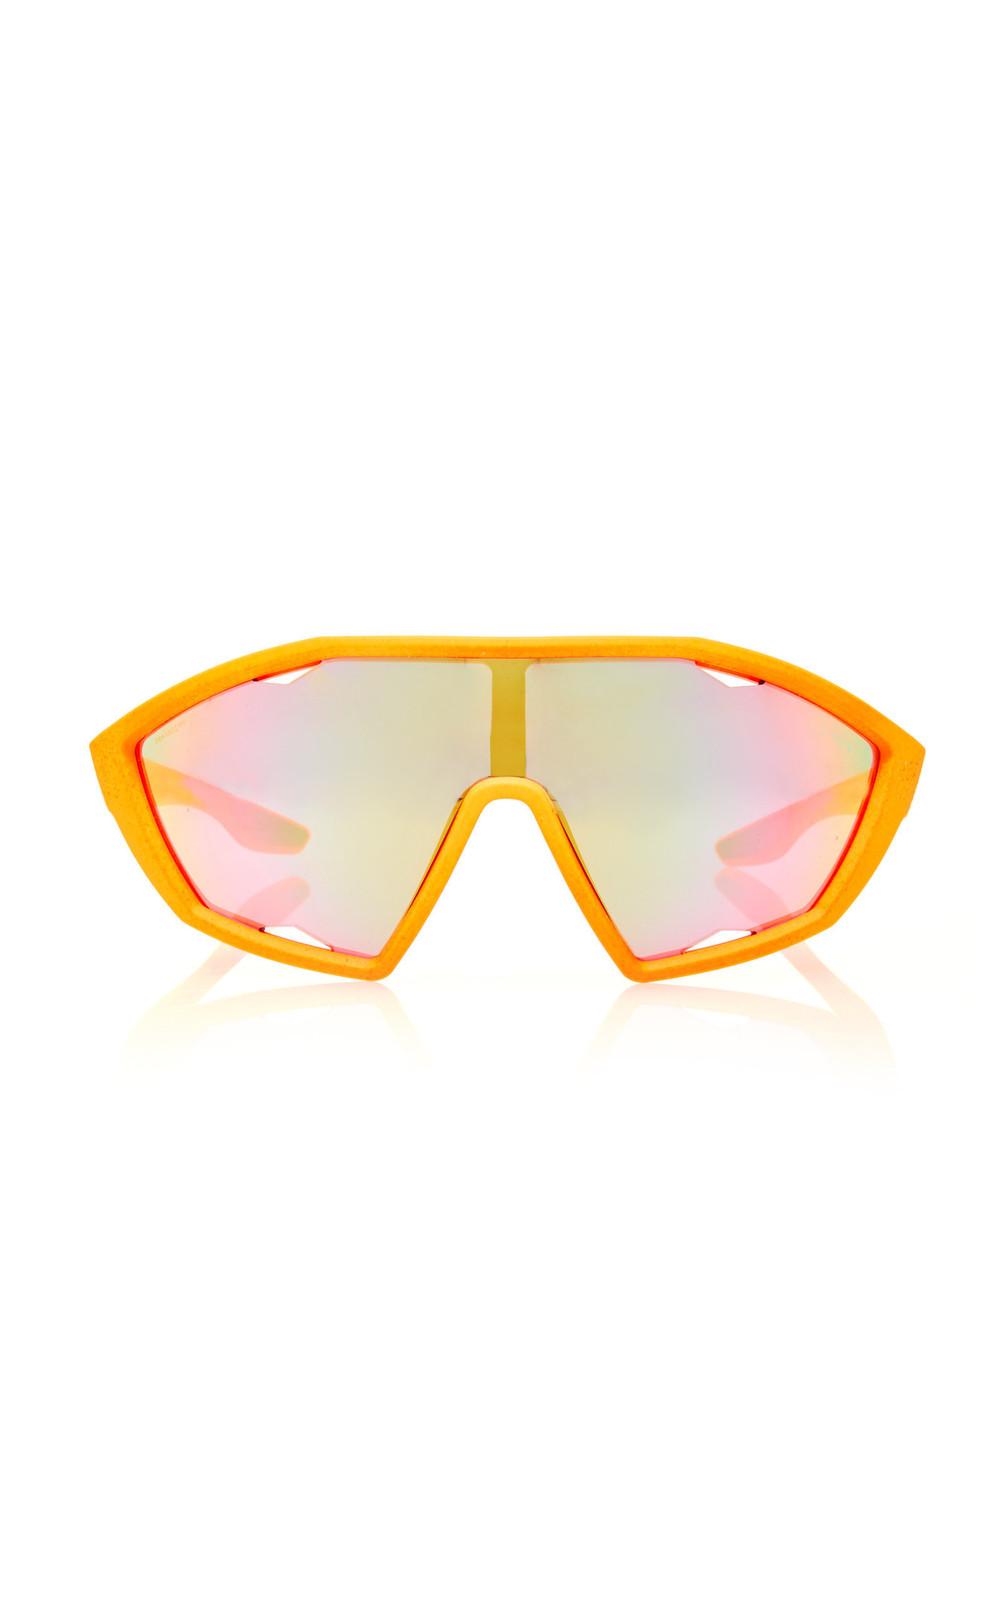 Prada Linea Rossa Square-Frame Acetate Sunglasses in orange